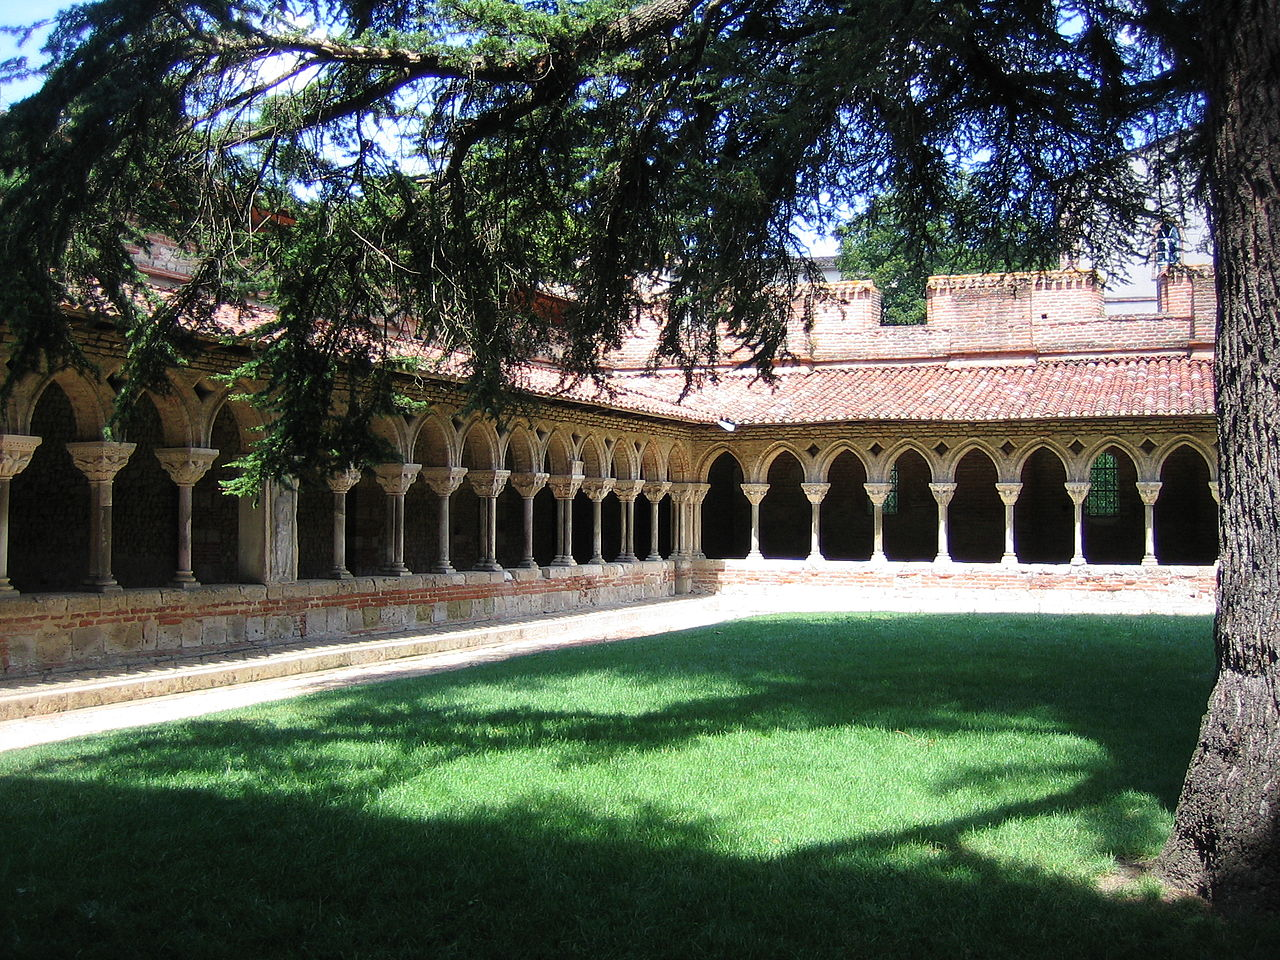 הקלויסטר במנזר מואסק